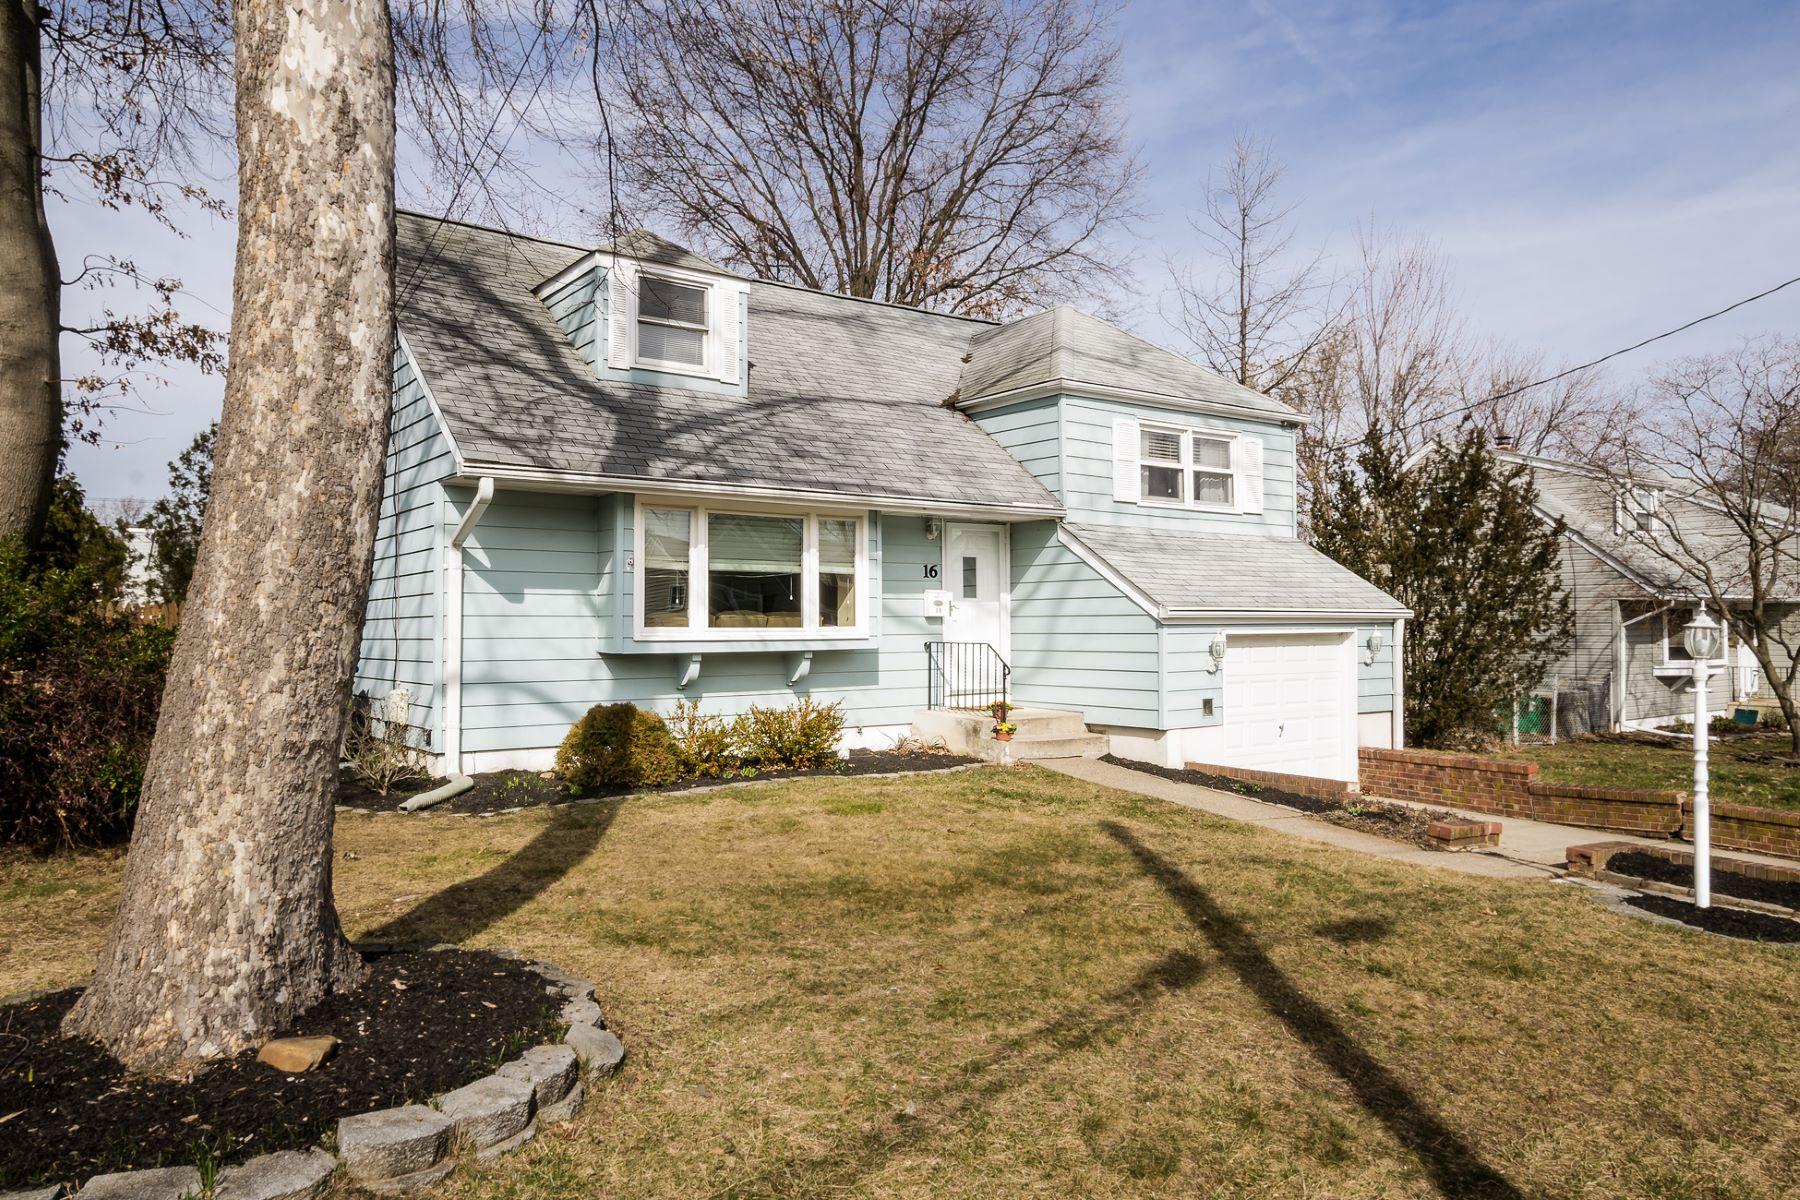 Maison unifamiliale pour l Vente à Charming Sunset Manor House 16 Tekening Way Hamilton, New Jersey 08690 États-Unis